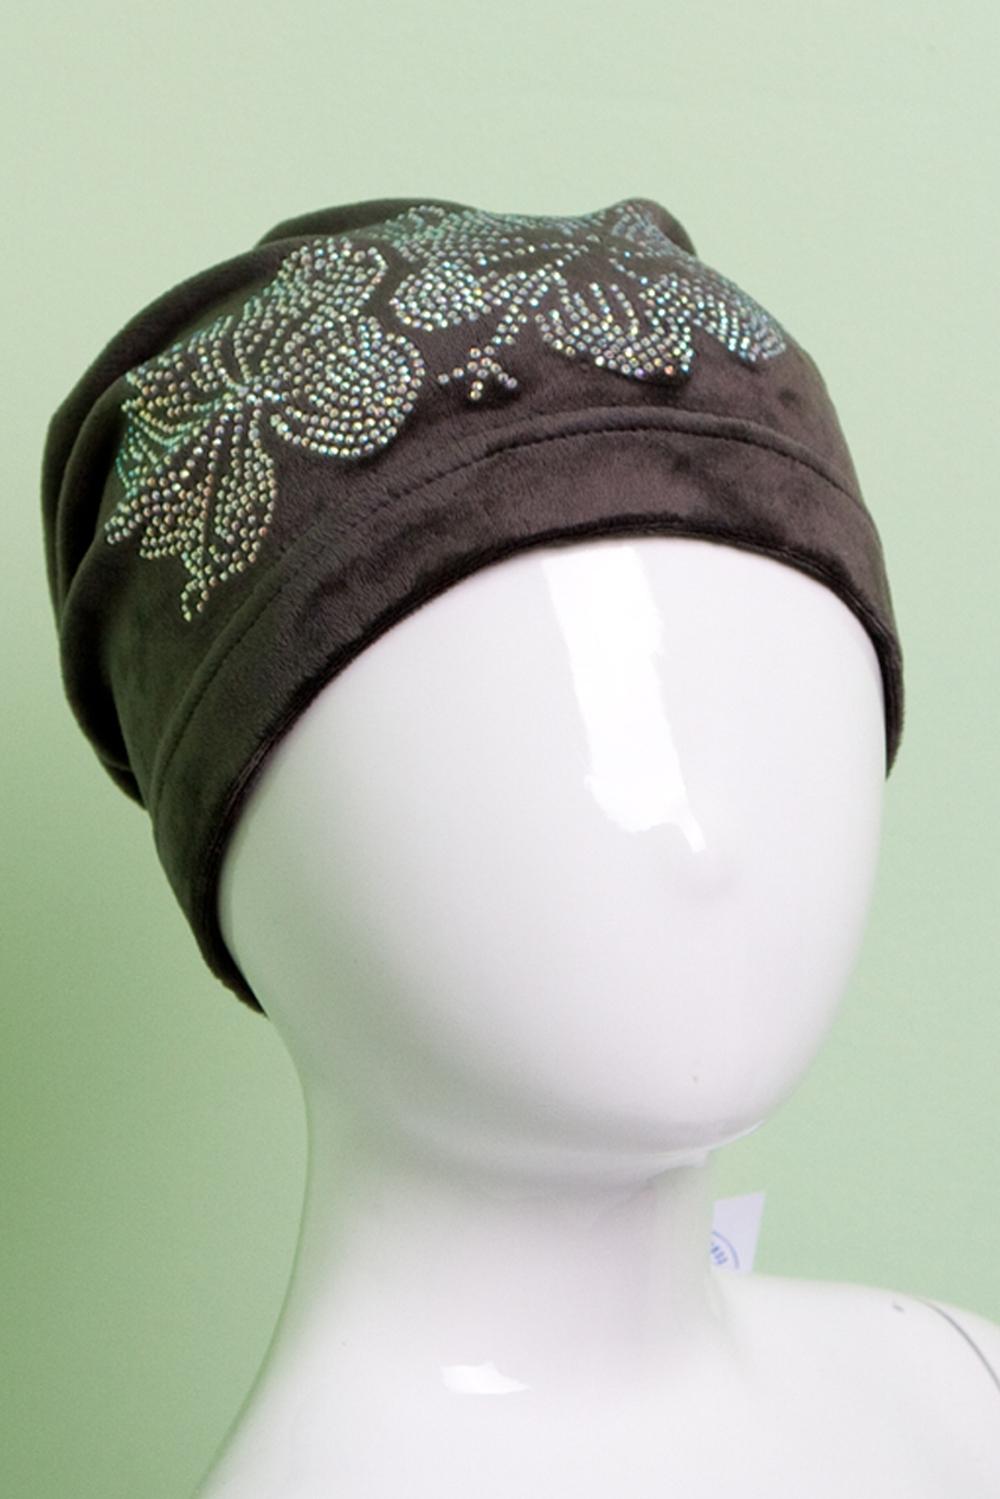 ШапкаГоловные уборы<br>Велюровая шапка для девочки защитит Вашего ребенка от непогоды и поднимет настроение.  Размер равен обхвату головы в сантиметрах.  Цвет: коричневый<br><br>По сезону: Осень,Весна<br>Размер : 54-56<br>Материал: Велюр<br>Количество в наличии: 1